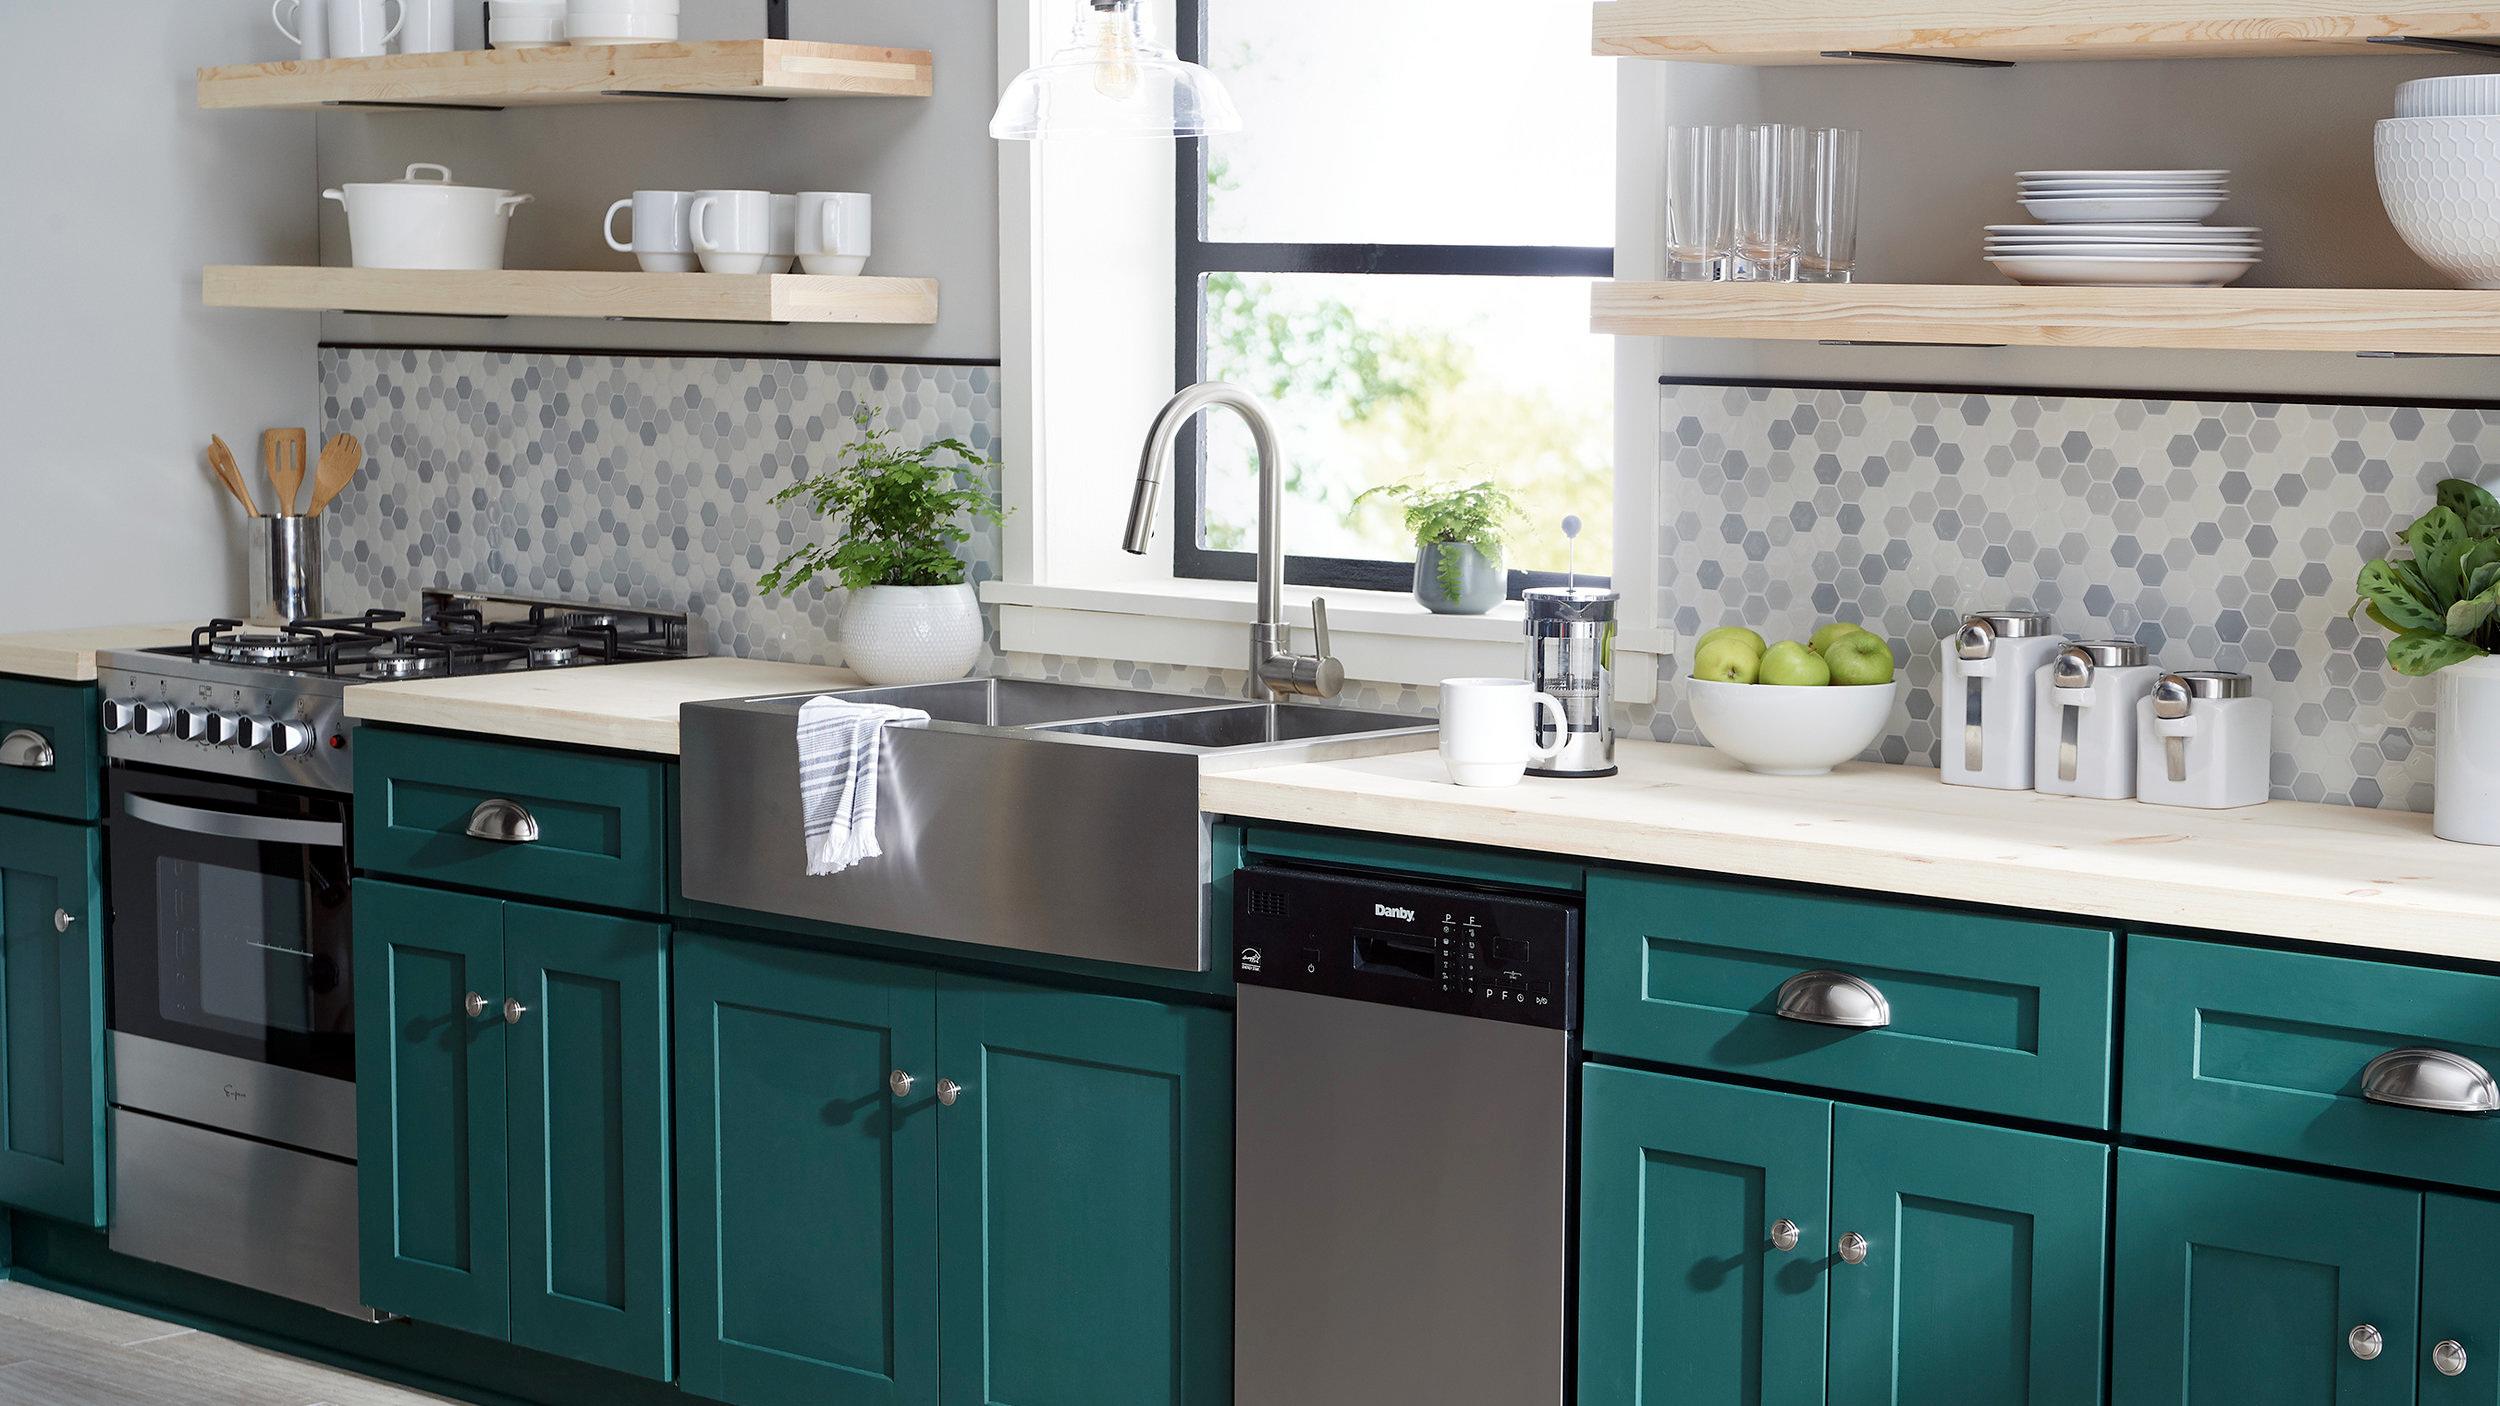 45523_Kitchencrossmerch_EandP_Homeimprovonement_Cabinets16382.jpg